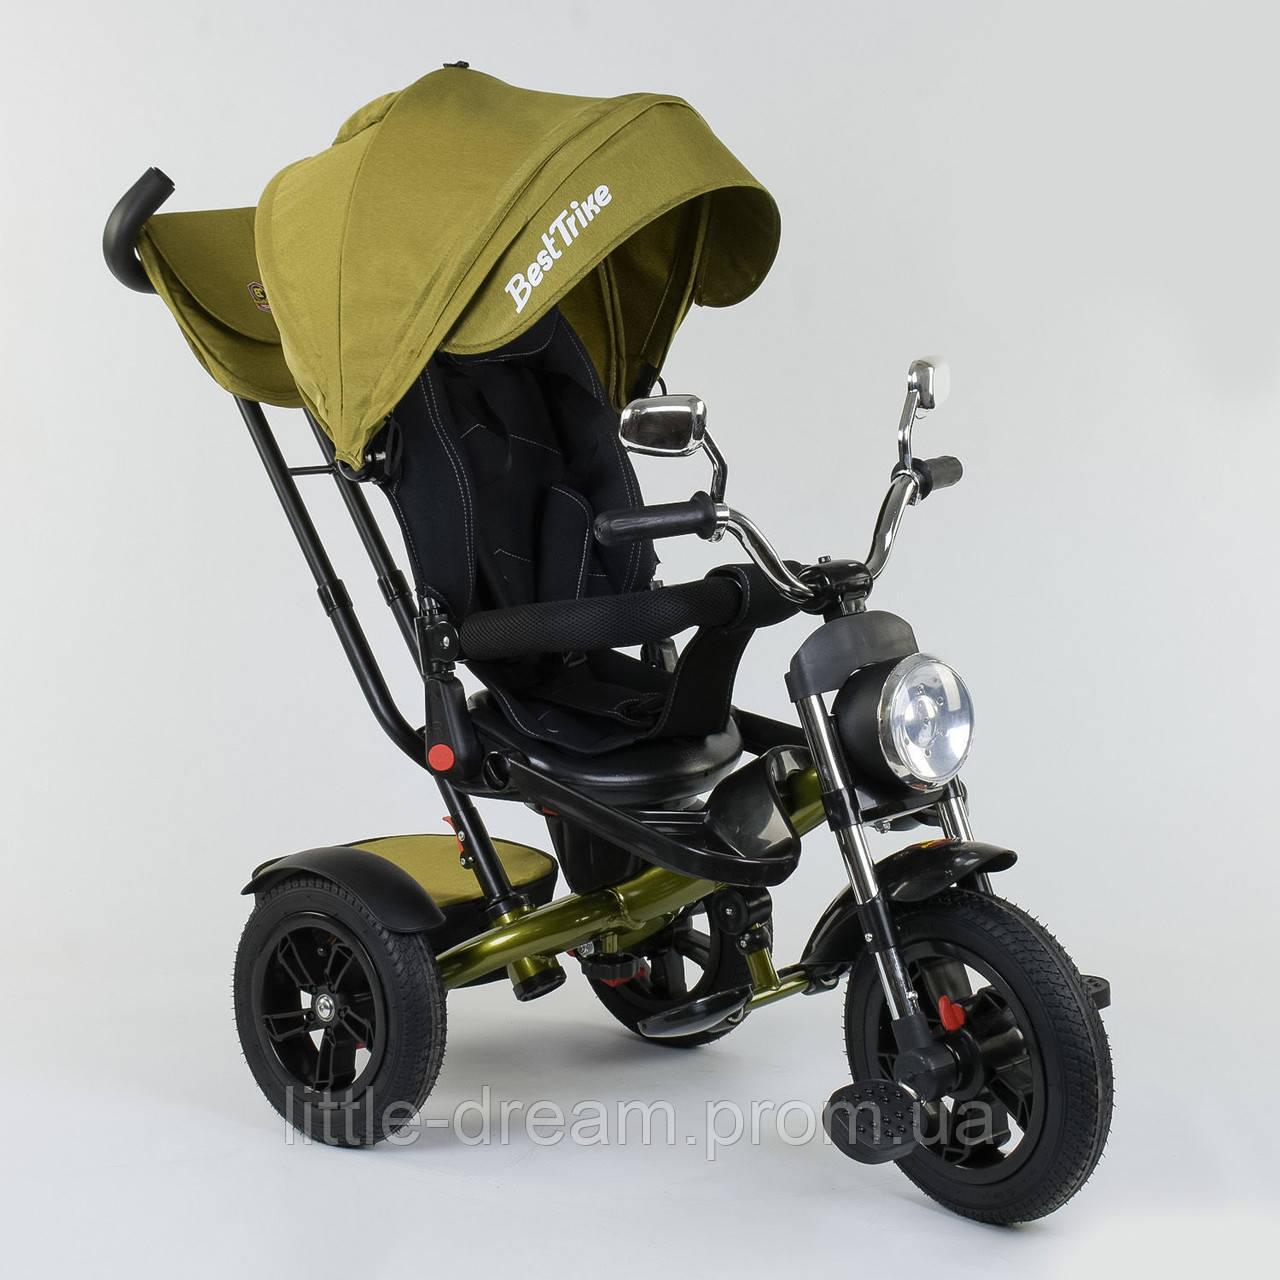 Велосипед 3-х колёсный Best Trike 4490 - 2749, поворотное сиденье, складной руль, русское озвучивание, надувные колеса, пульт включения звука и света